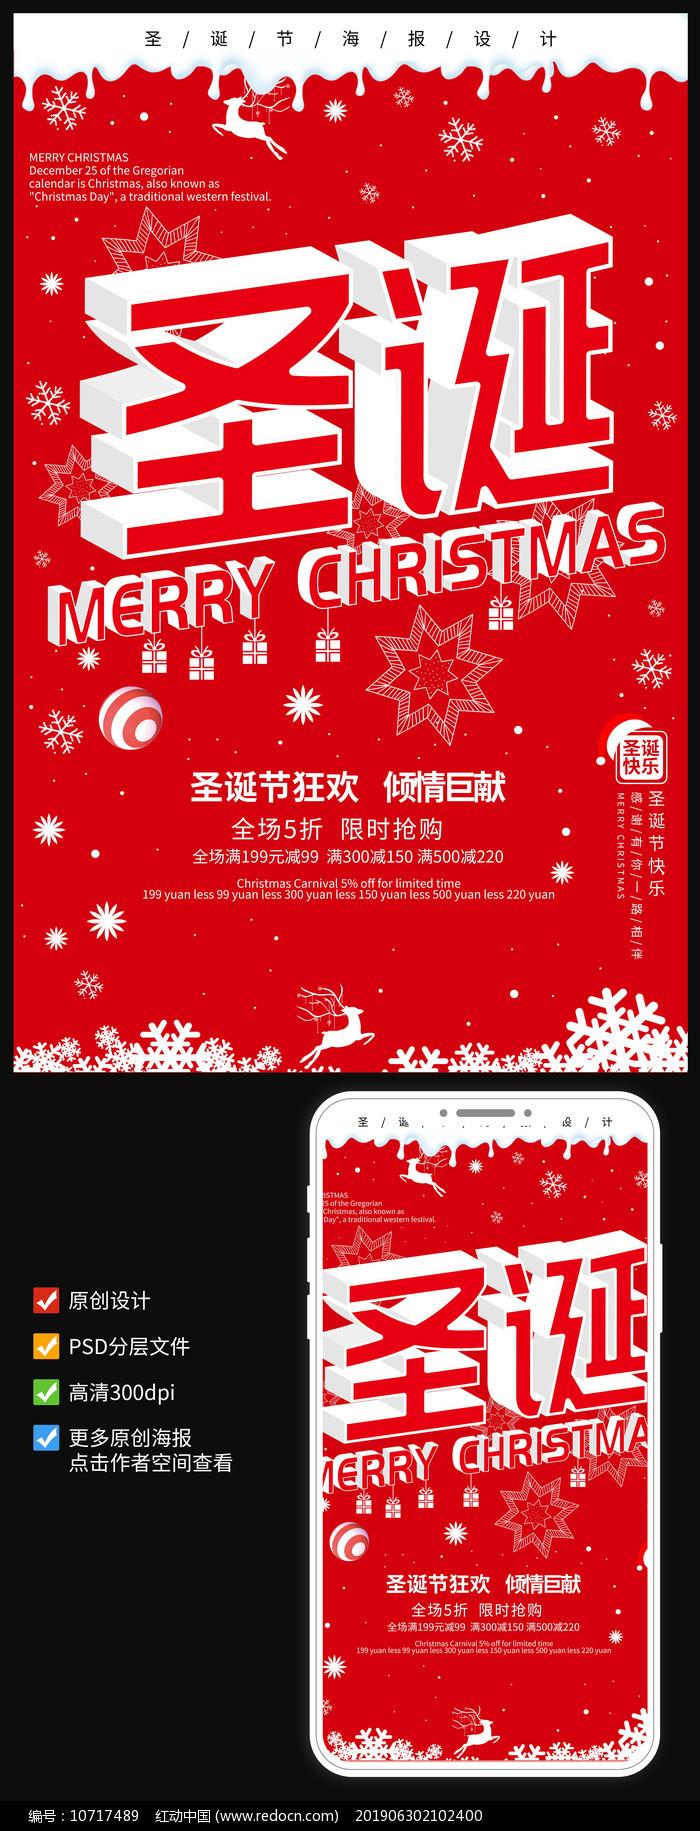 红色喜庆圣诞节海报图片